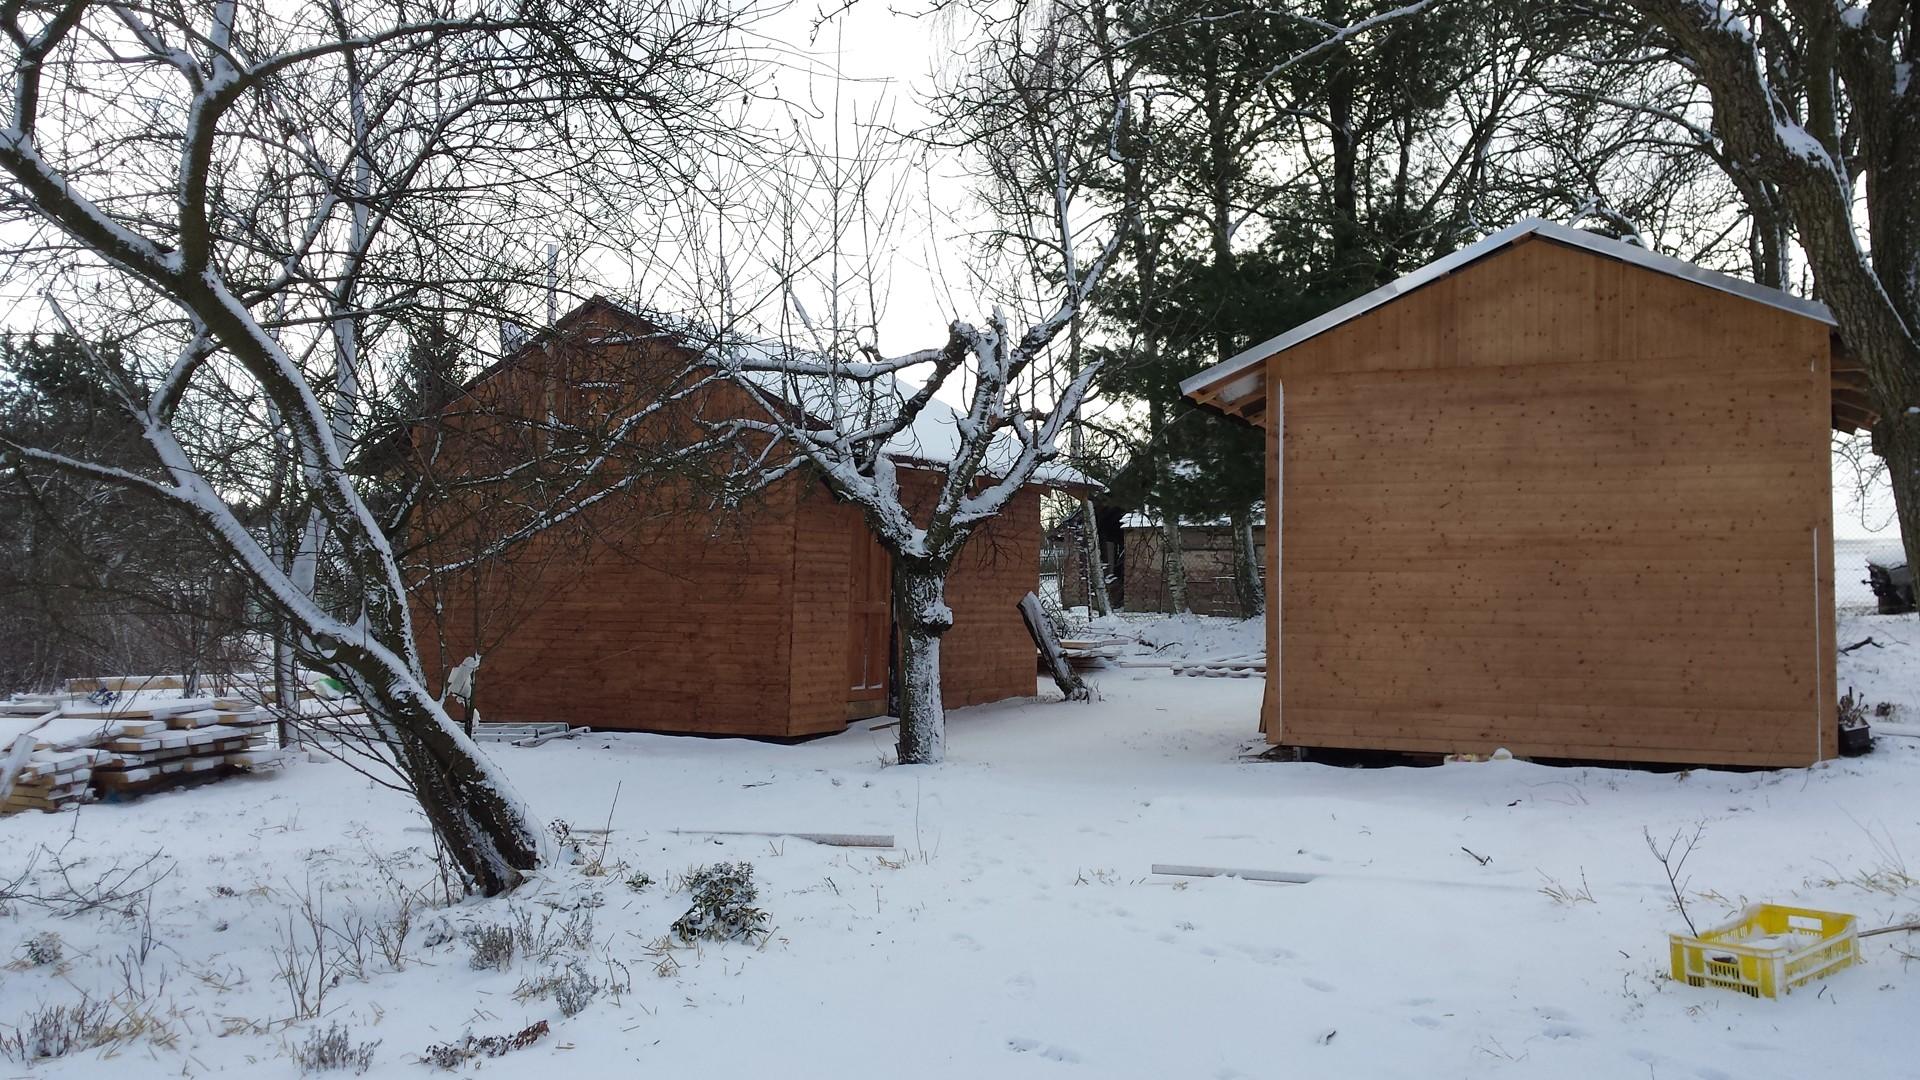 V zimě 2014/2015 nasněžilo na měsíc